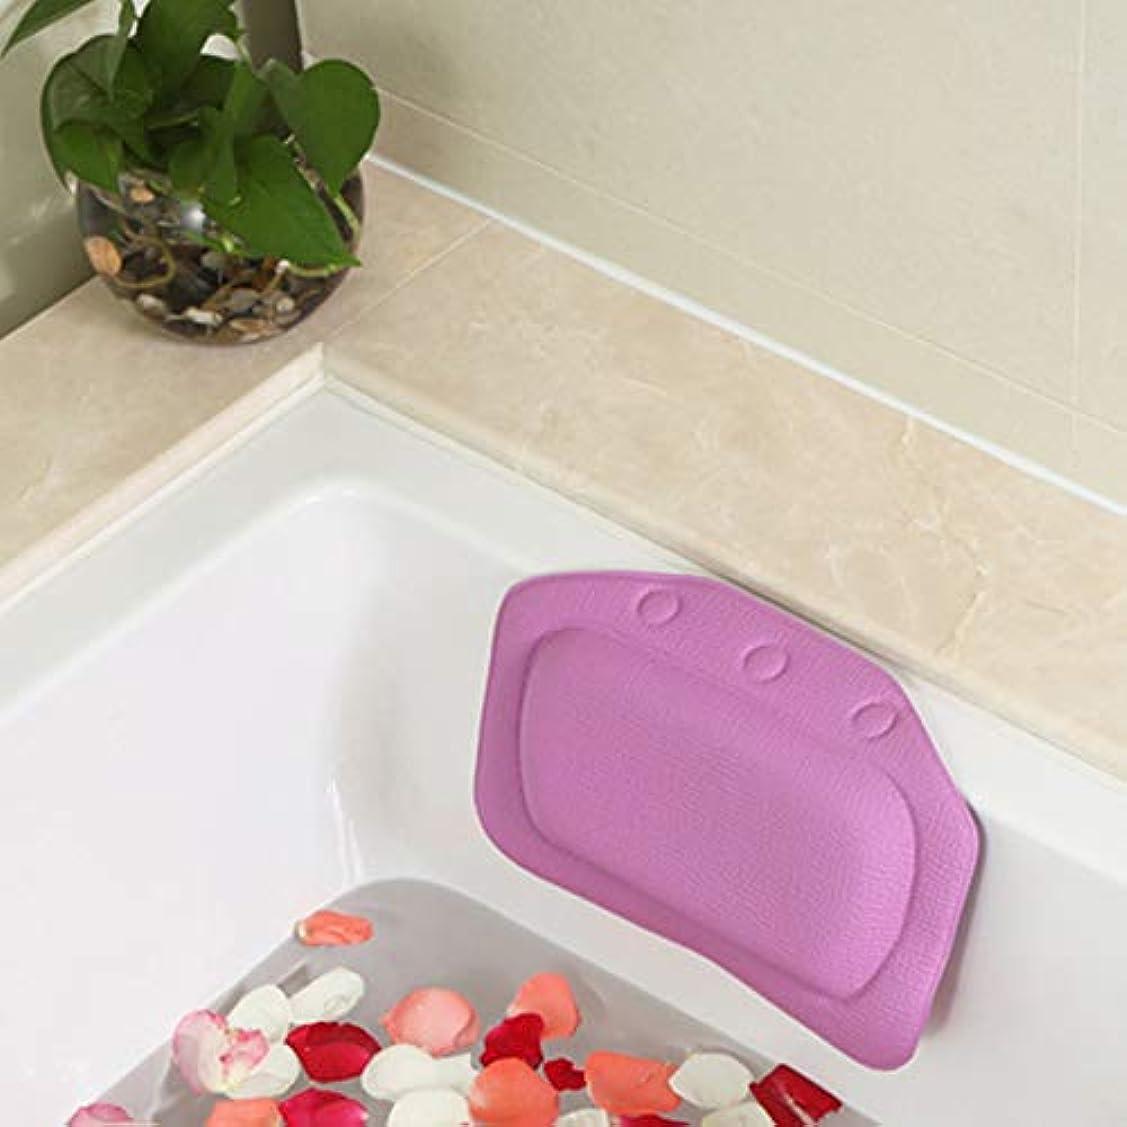 ジョージバーナード凍った是正する柔らかいpvc発泡スポンジ風呂枕防水ヘッドレストクッション付き浴室シャワー浴槽リラックスアクセサリー,Purple